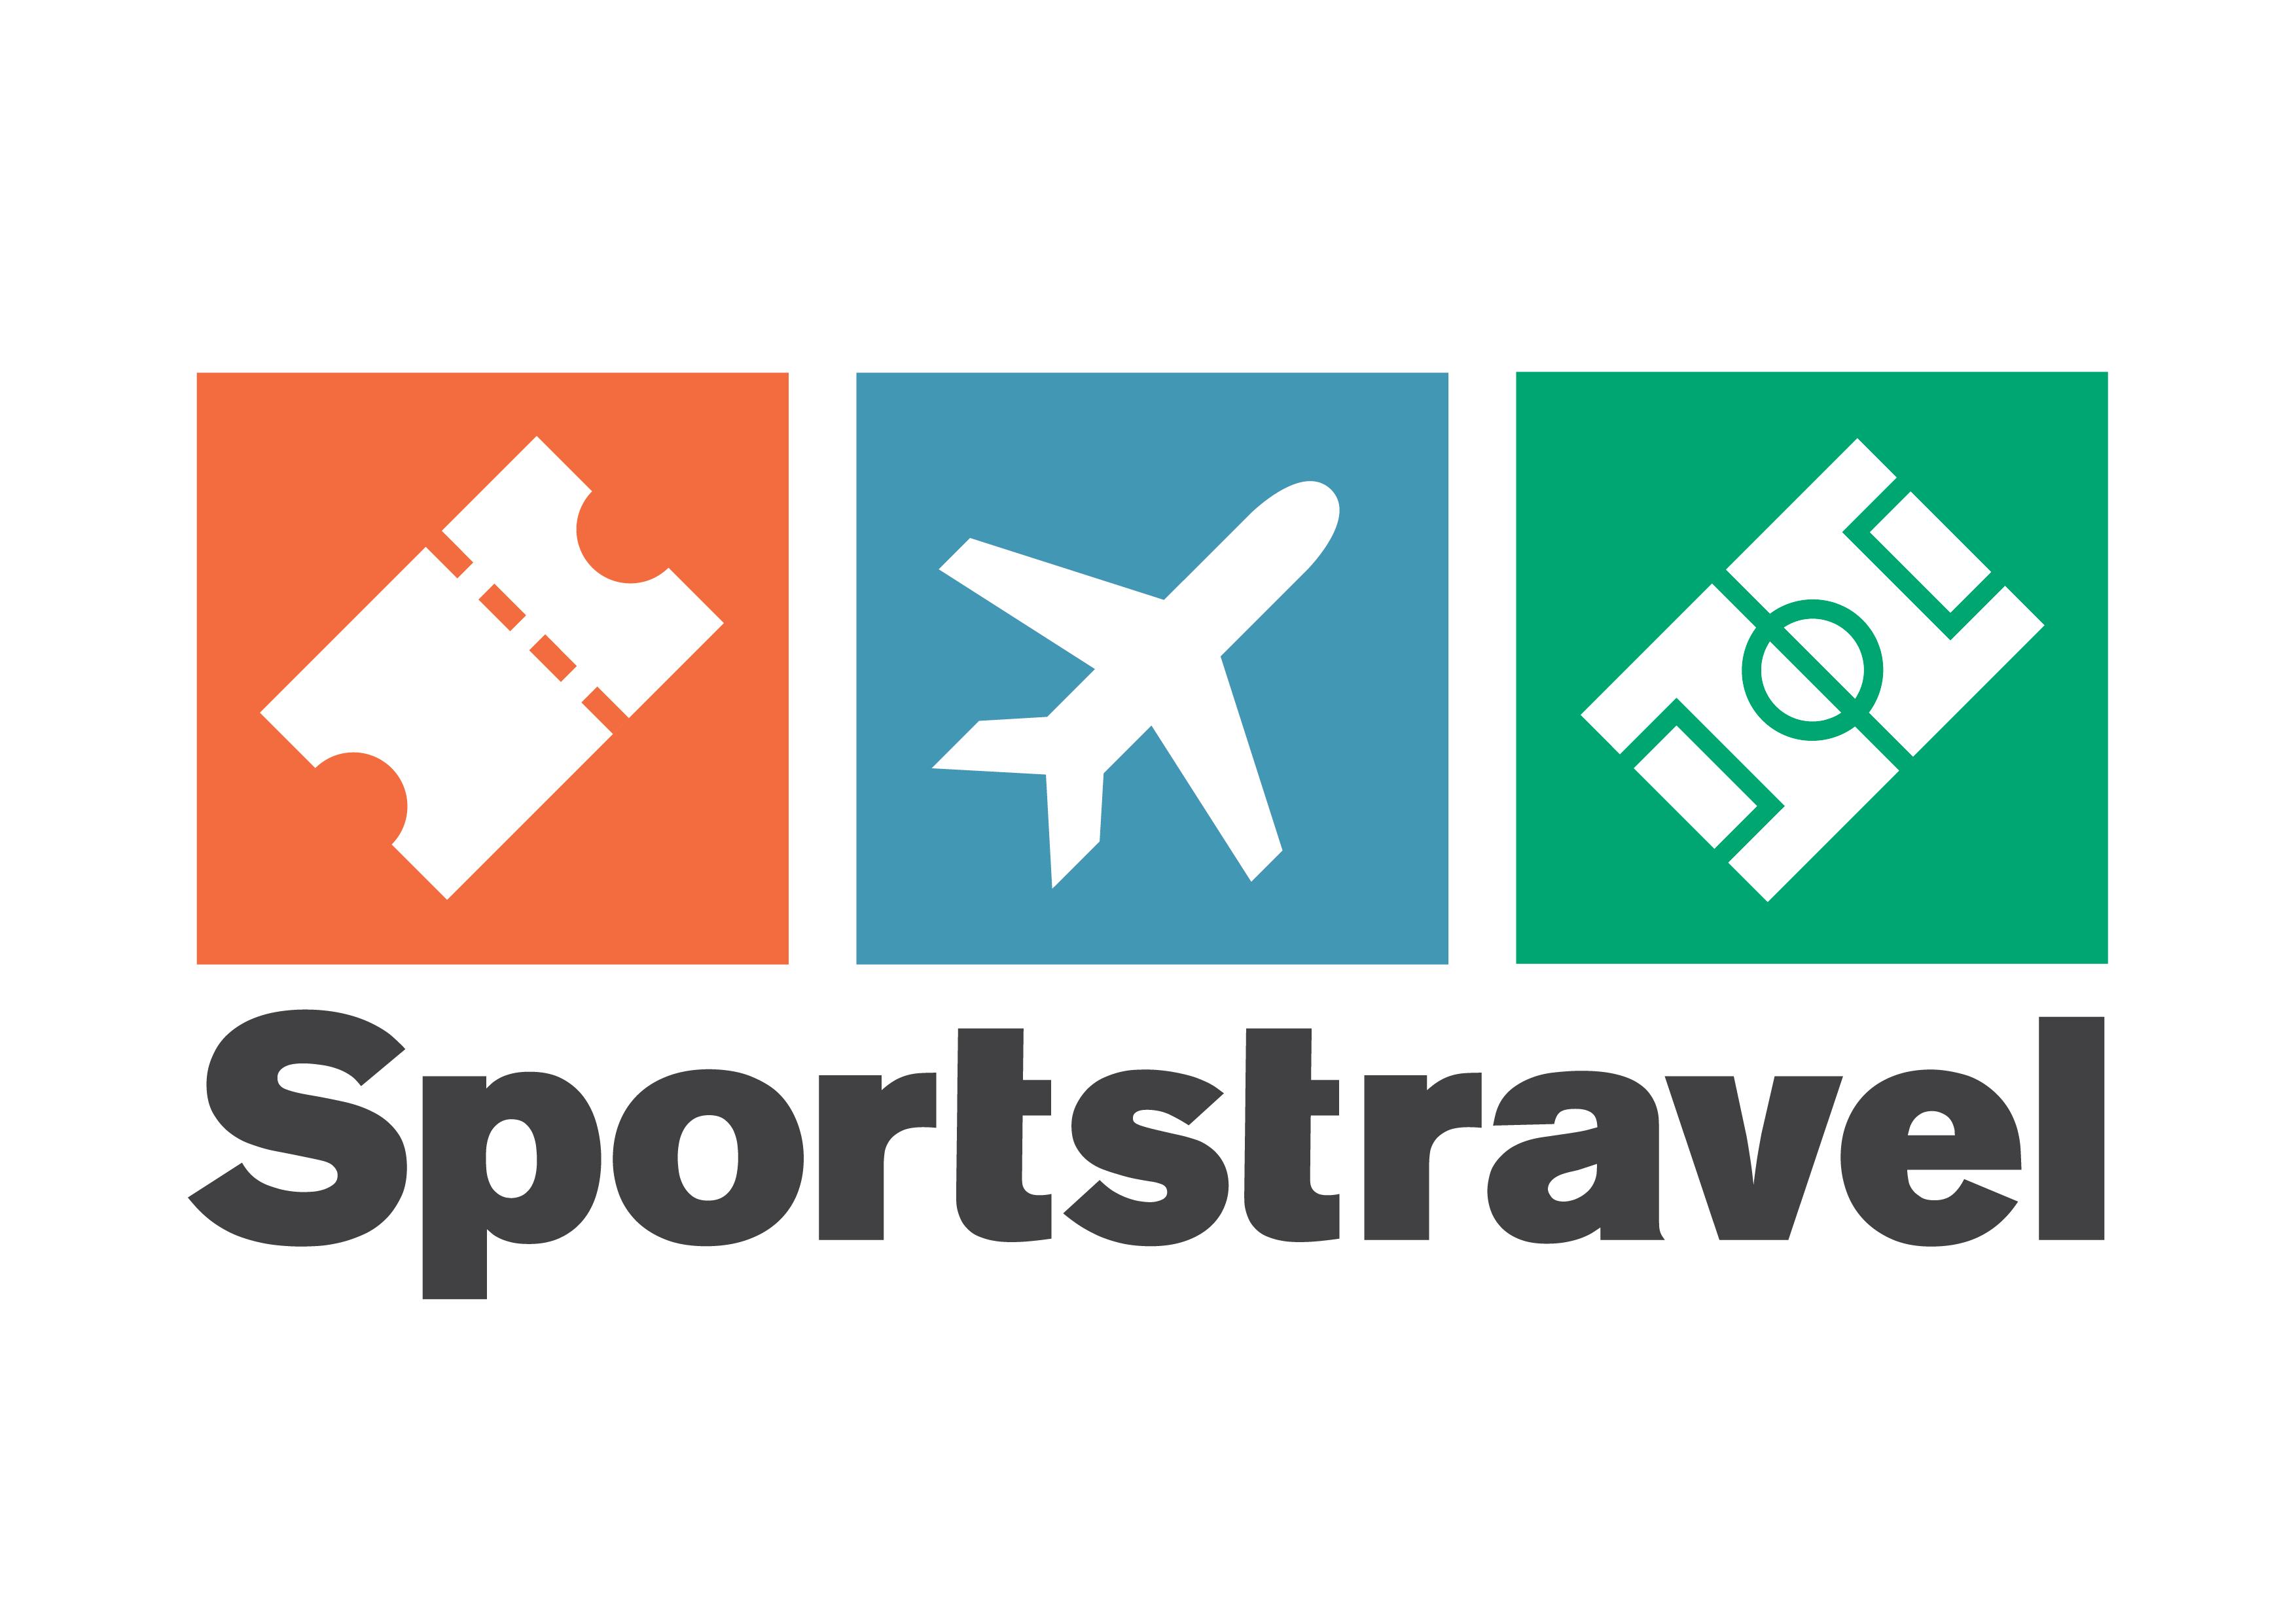 Sportstravel